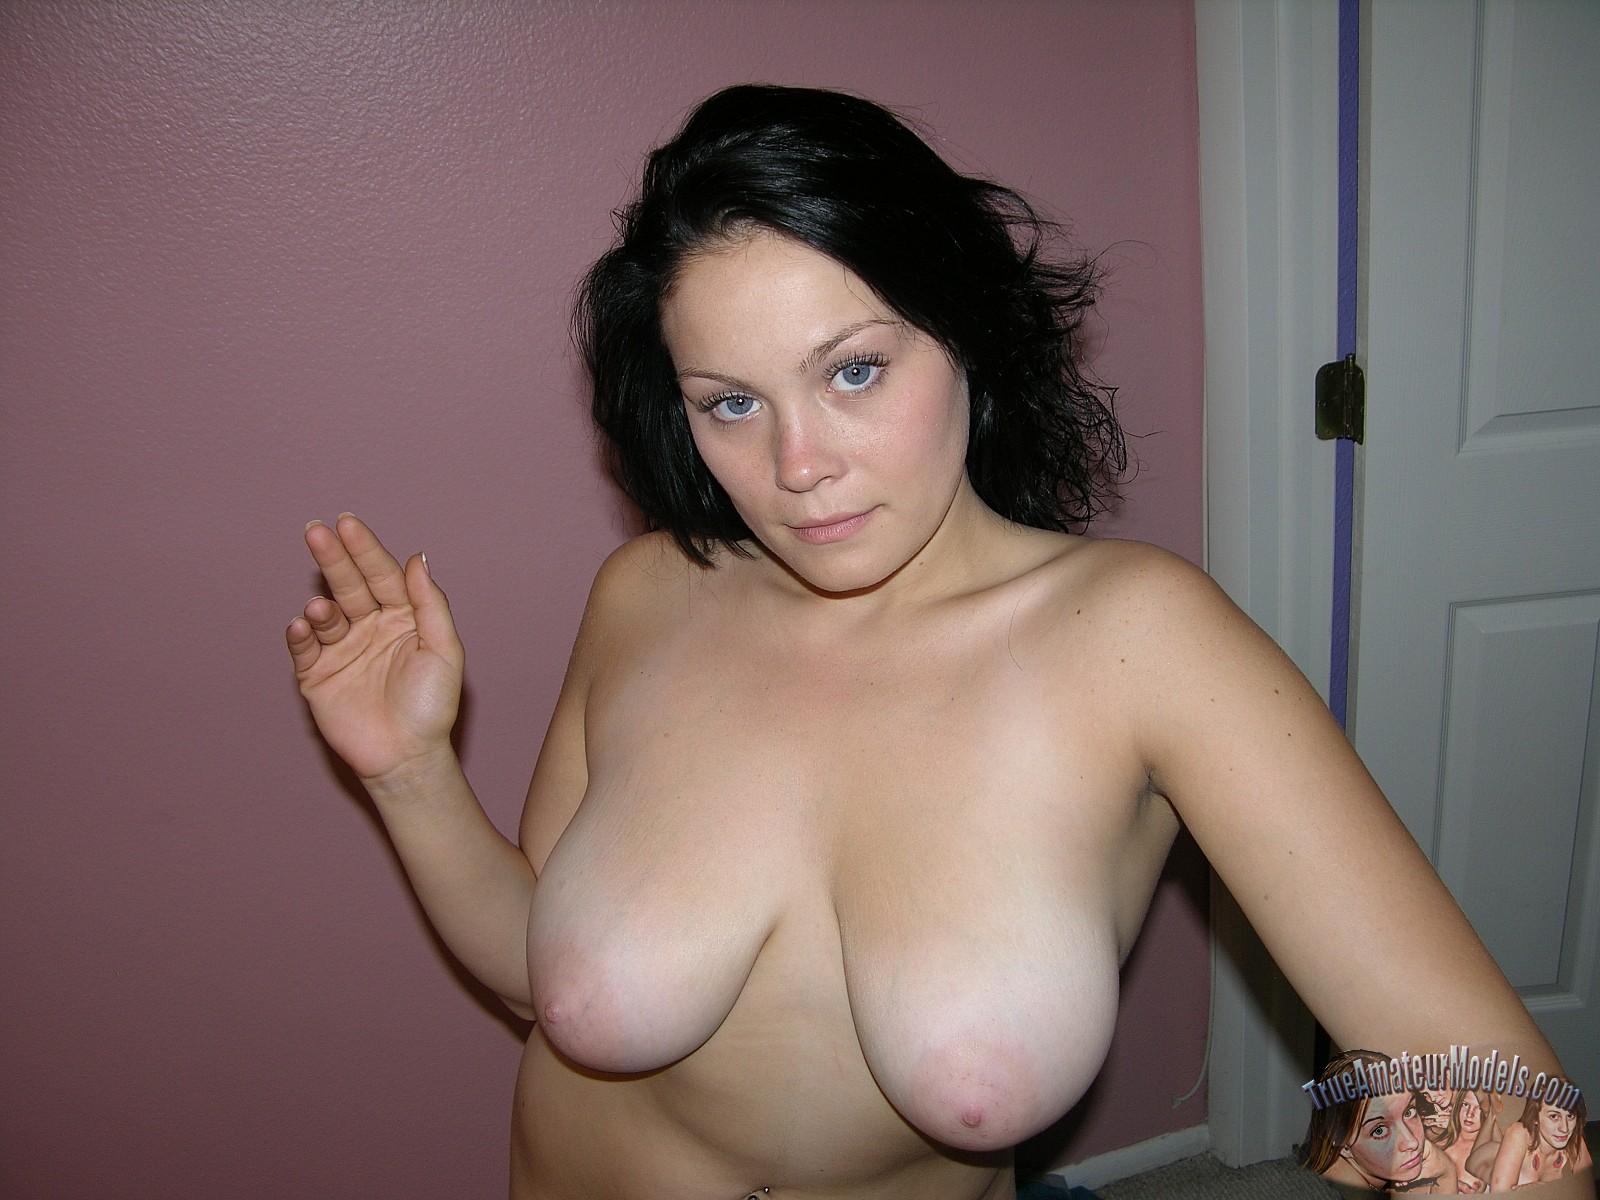 Nude horny pics